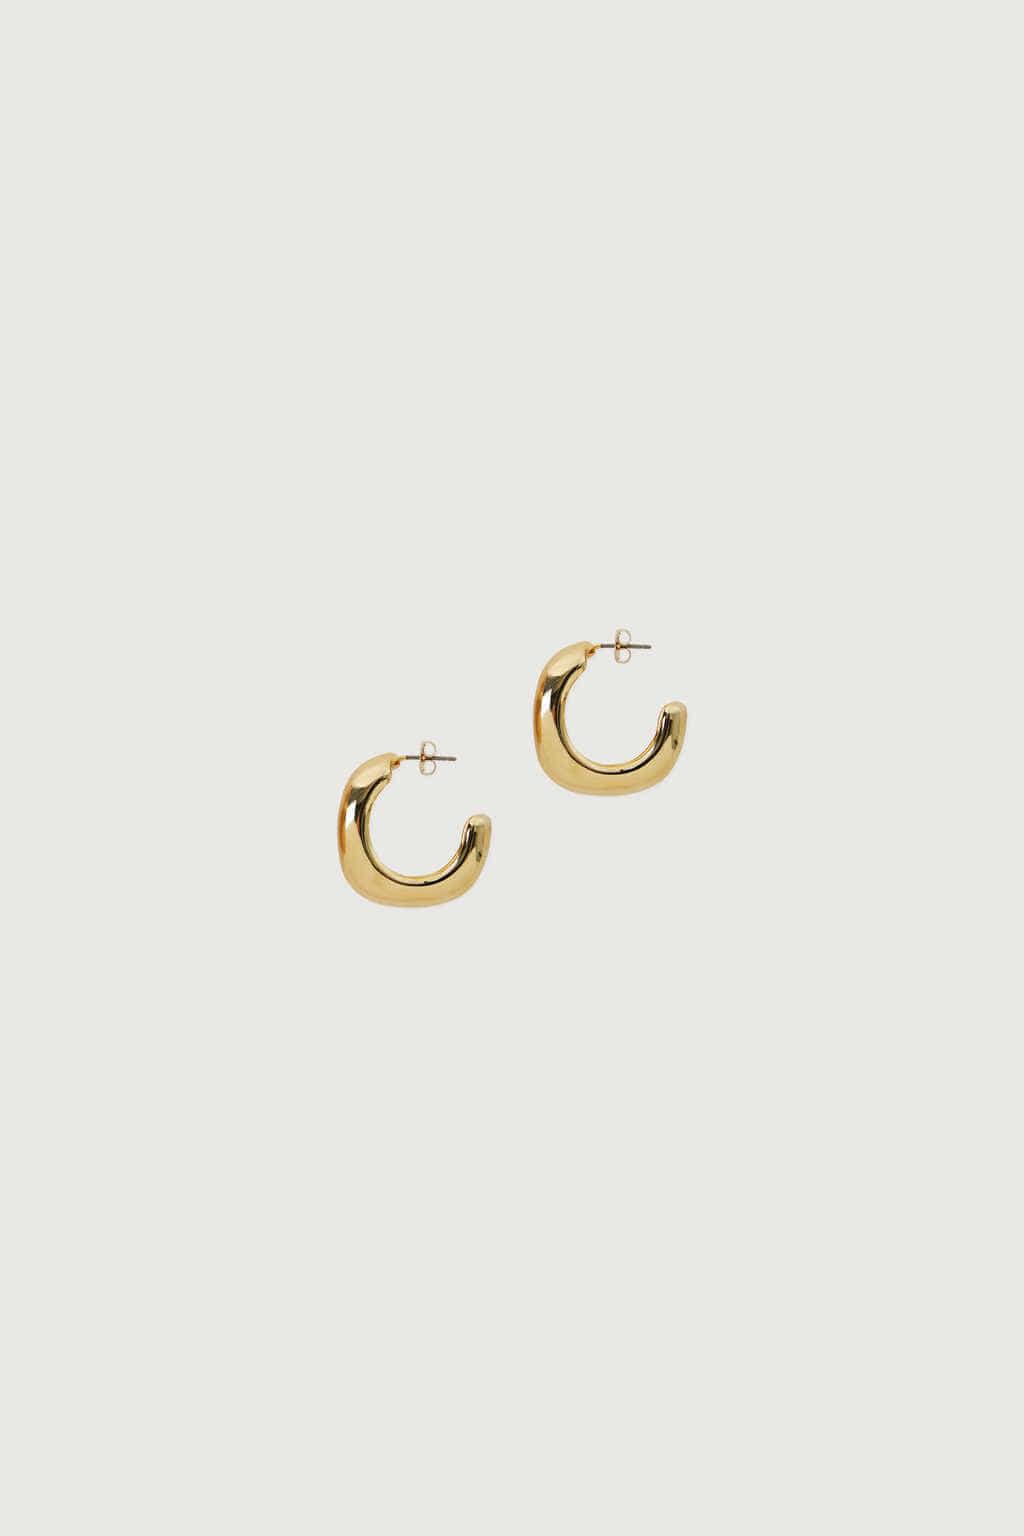 Earring K012 Gold x